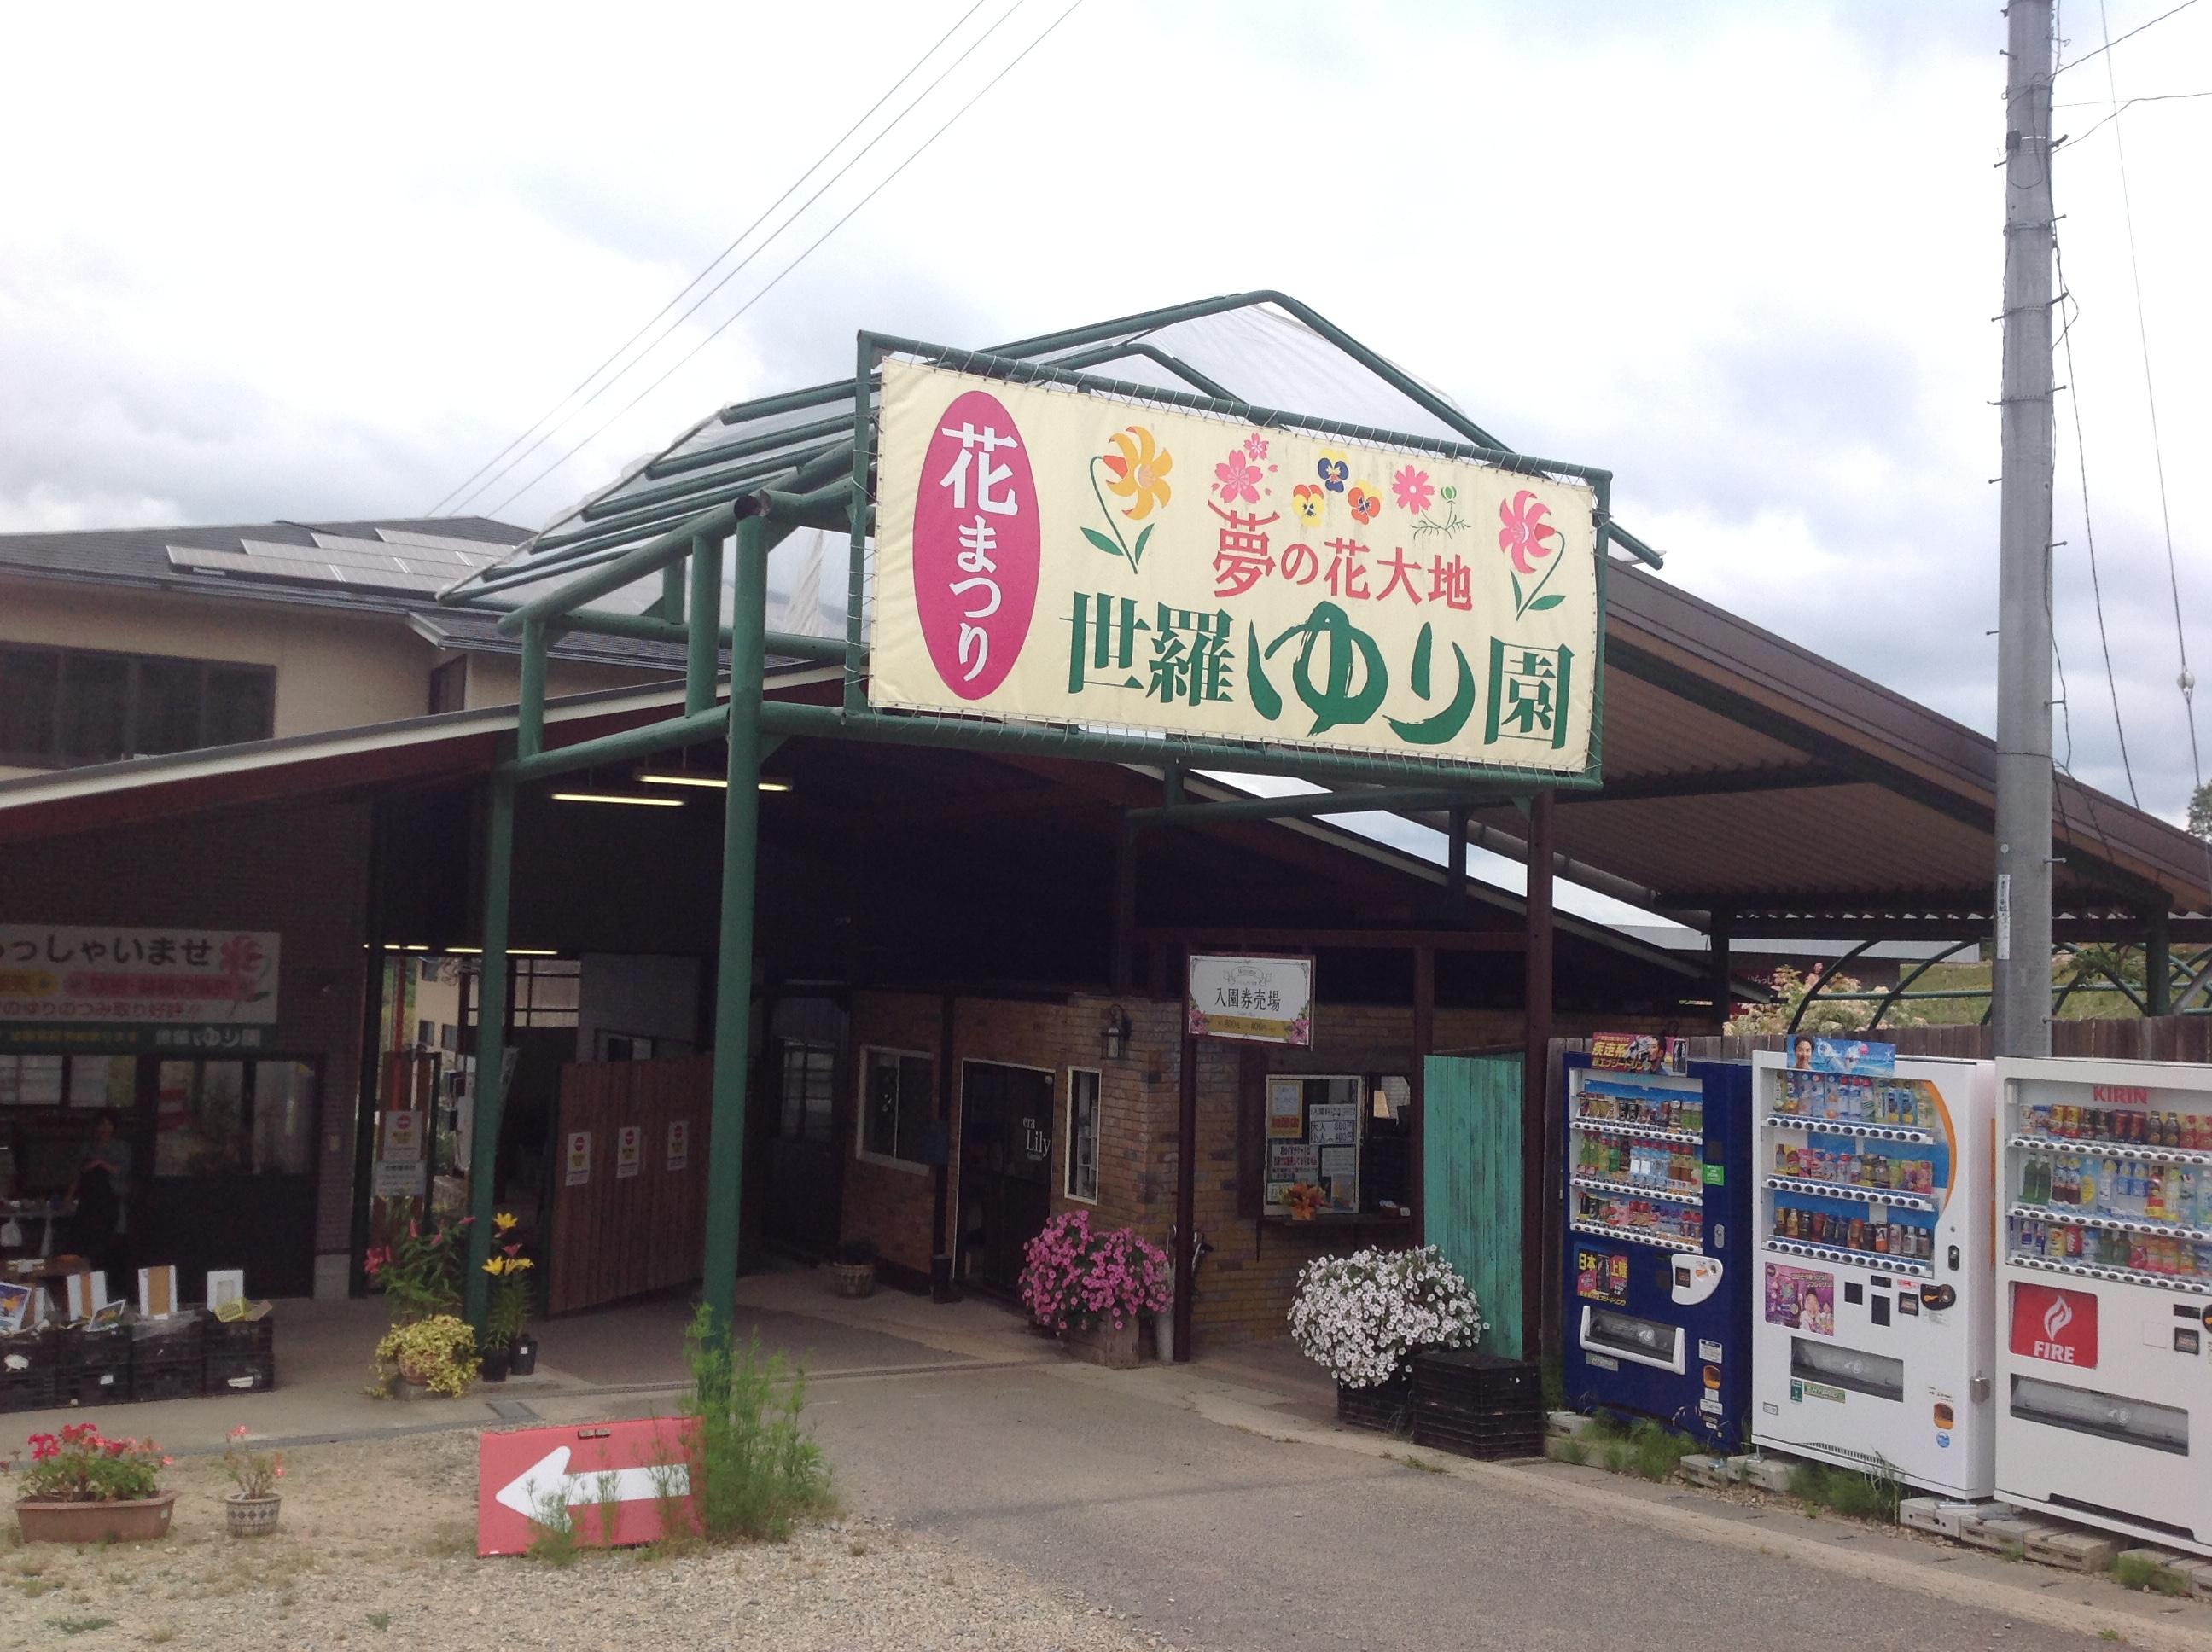 広島出張 世羅高原 寄せ植え作り